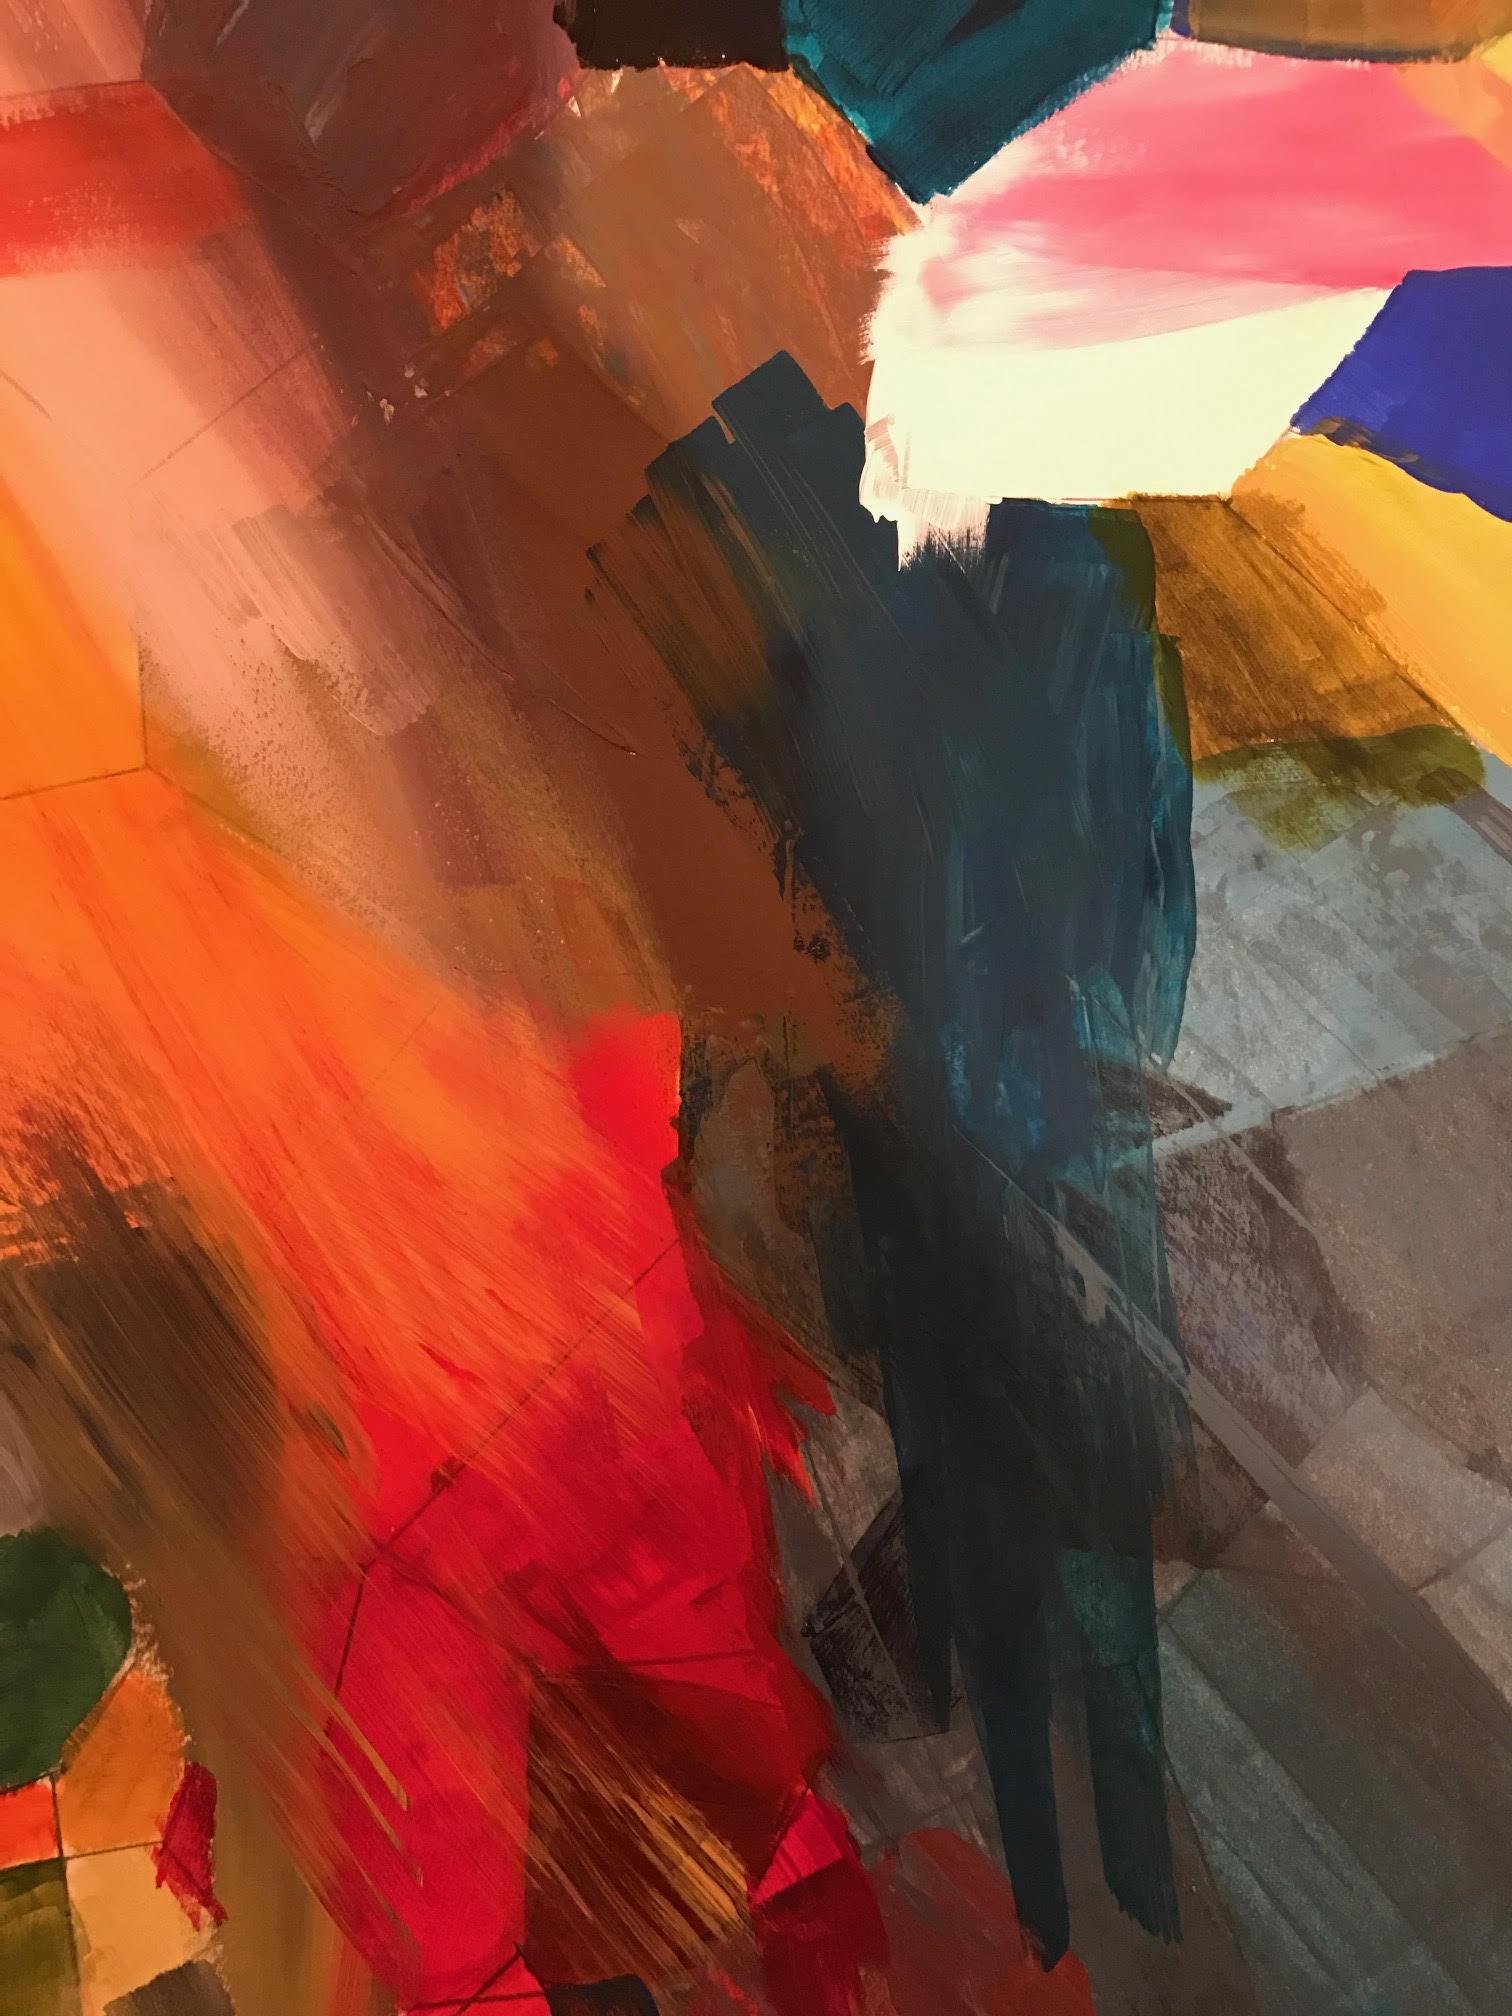 Untitled No 1 - Acrylic